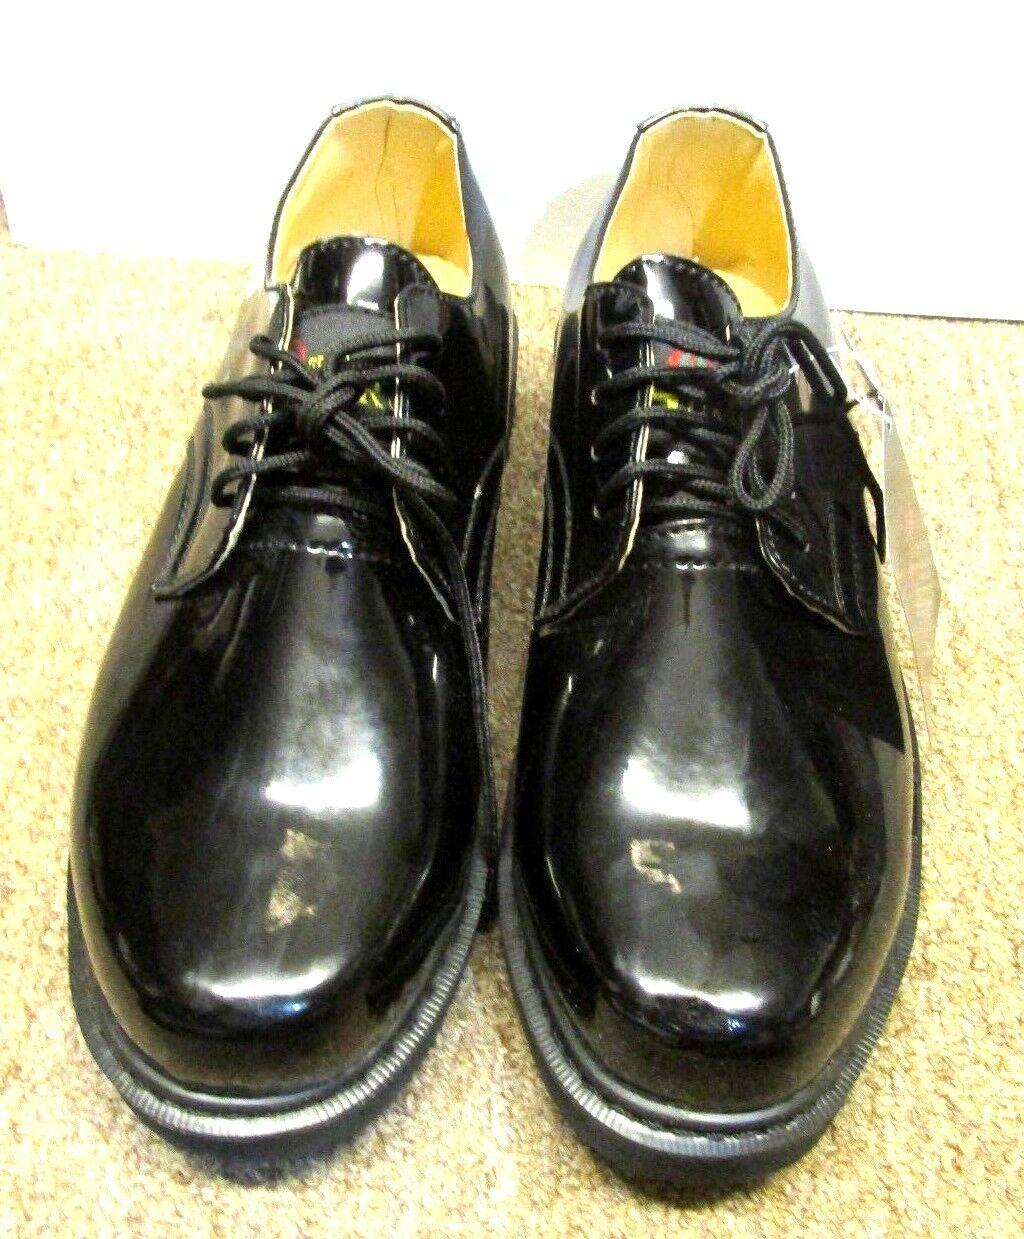 Grand Hunter zapato zapato zapato resistente al aceite Goodyear con vira Talla 6.5 para Mujer  encuentra tu favorito aquí